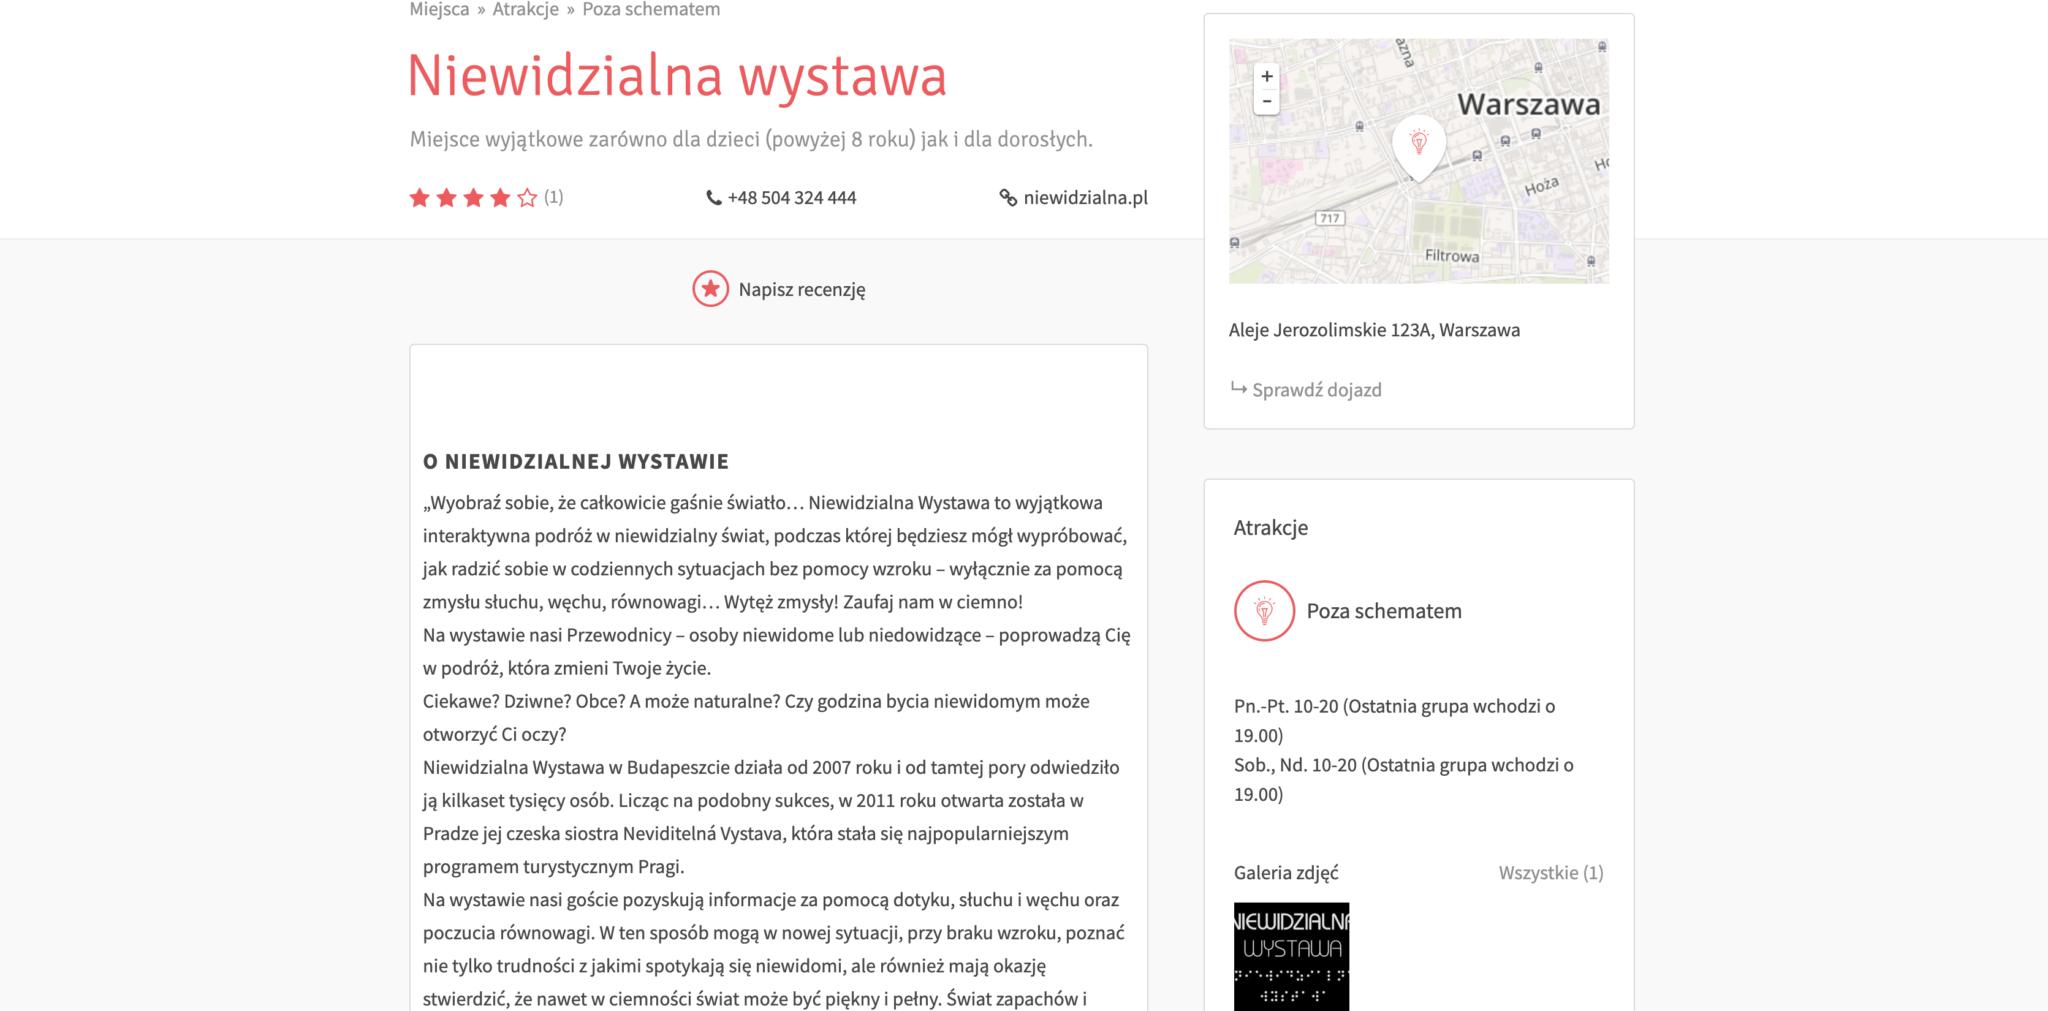 Atrakcje dla dzieci w Polsce - zobacz miejsca przyjazne dzieciom na mapie Rodzinny Kompas 7